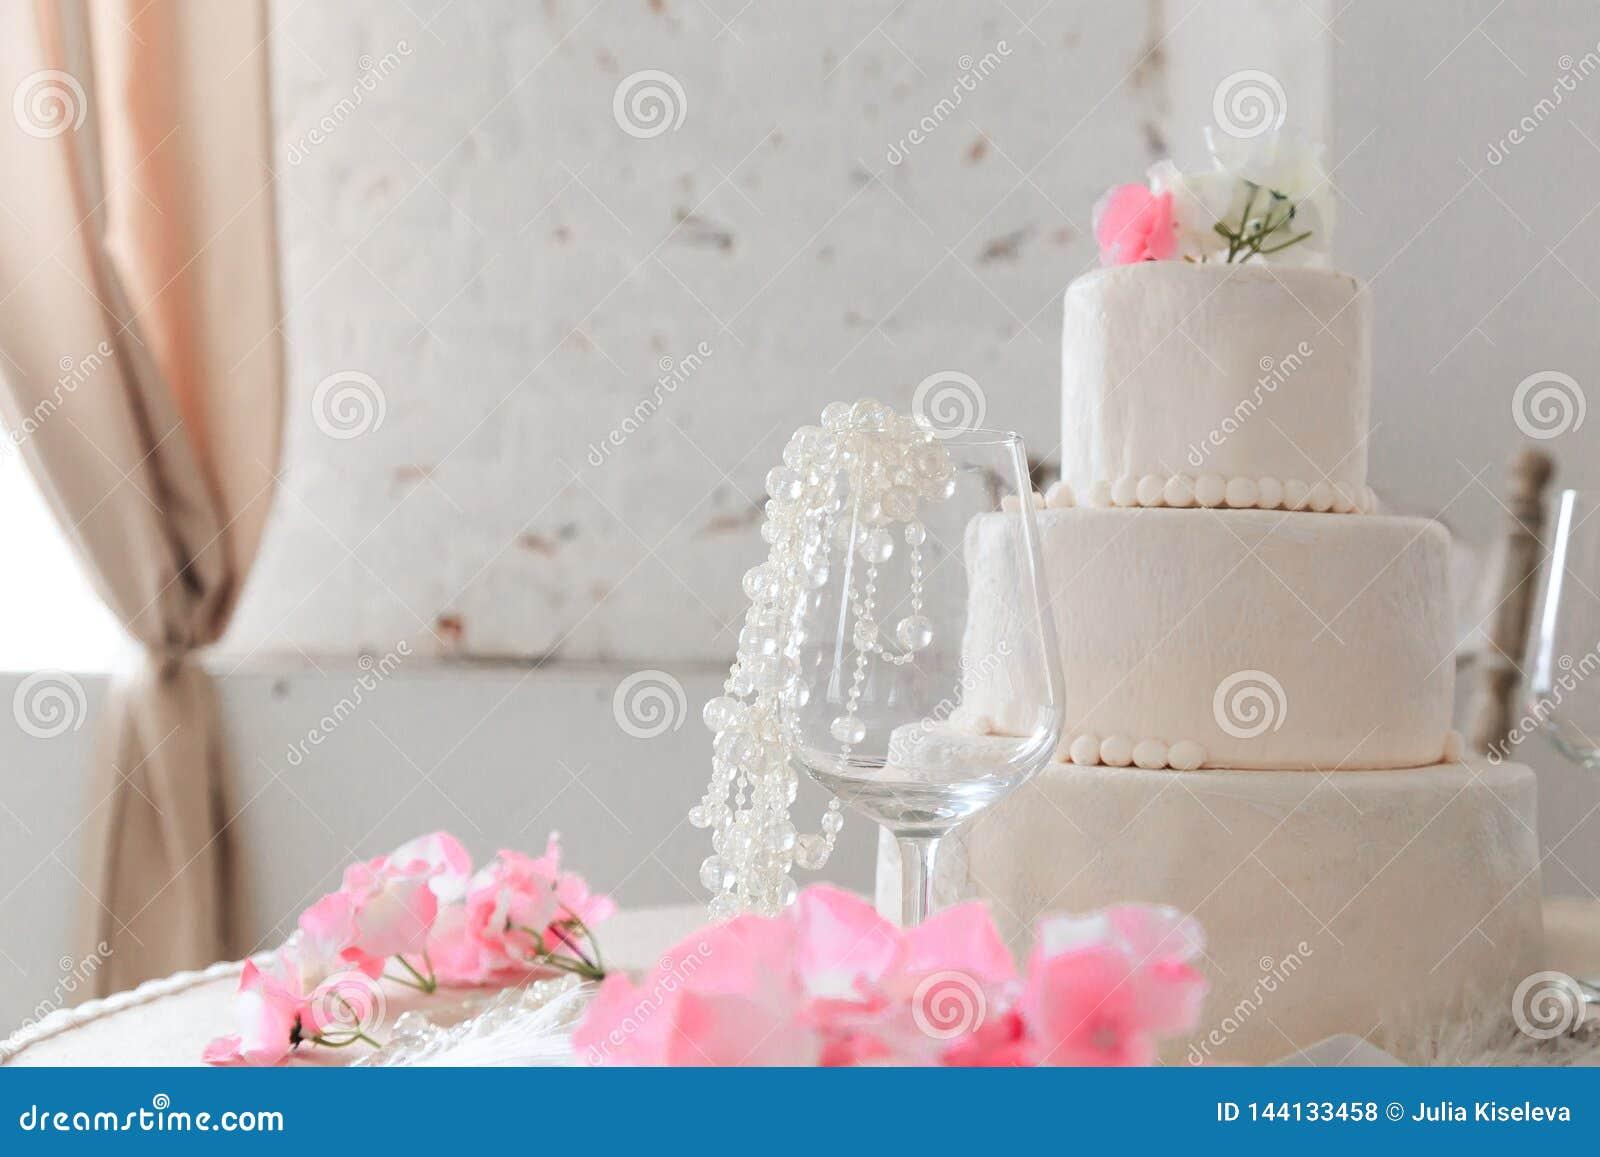 De Cake van het huwelijk met Bloemen